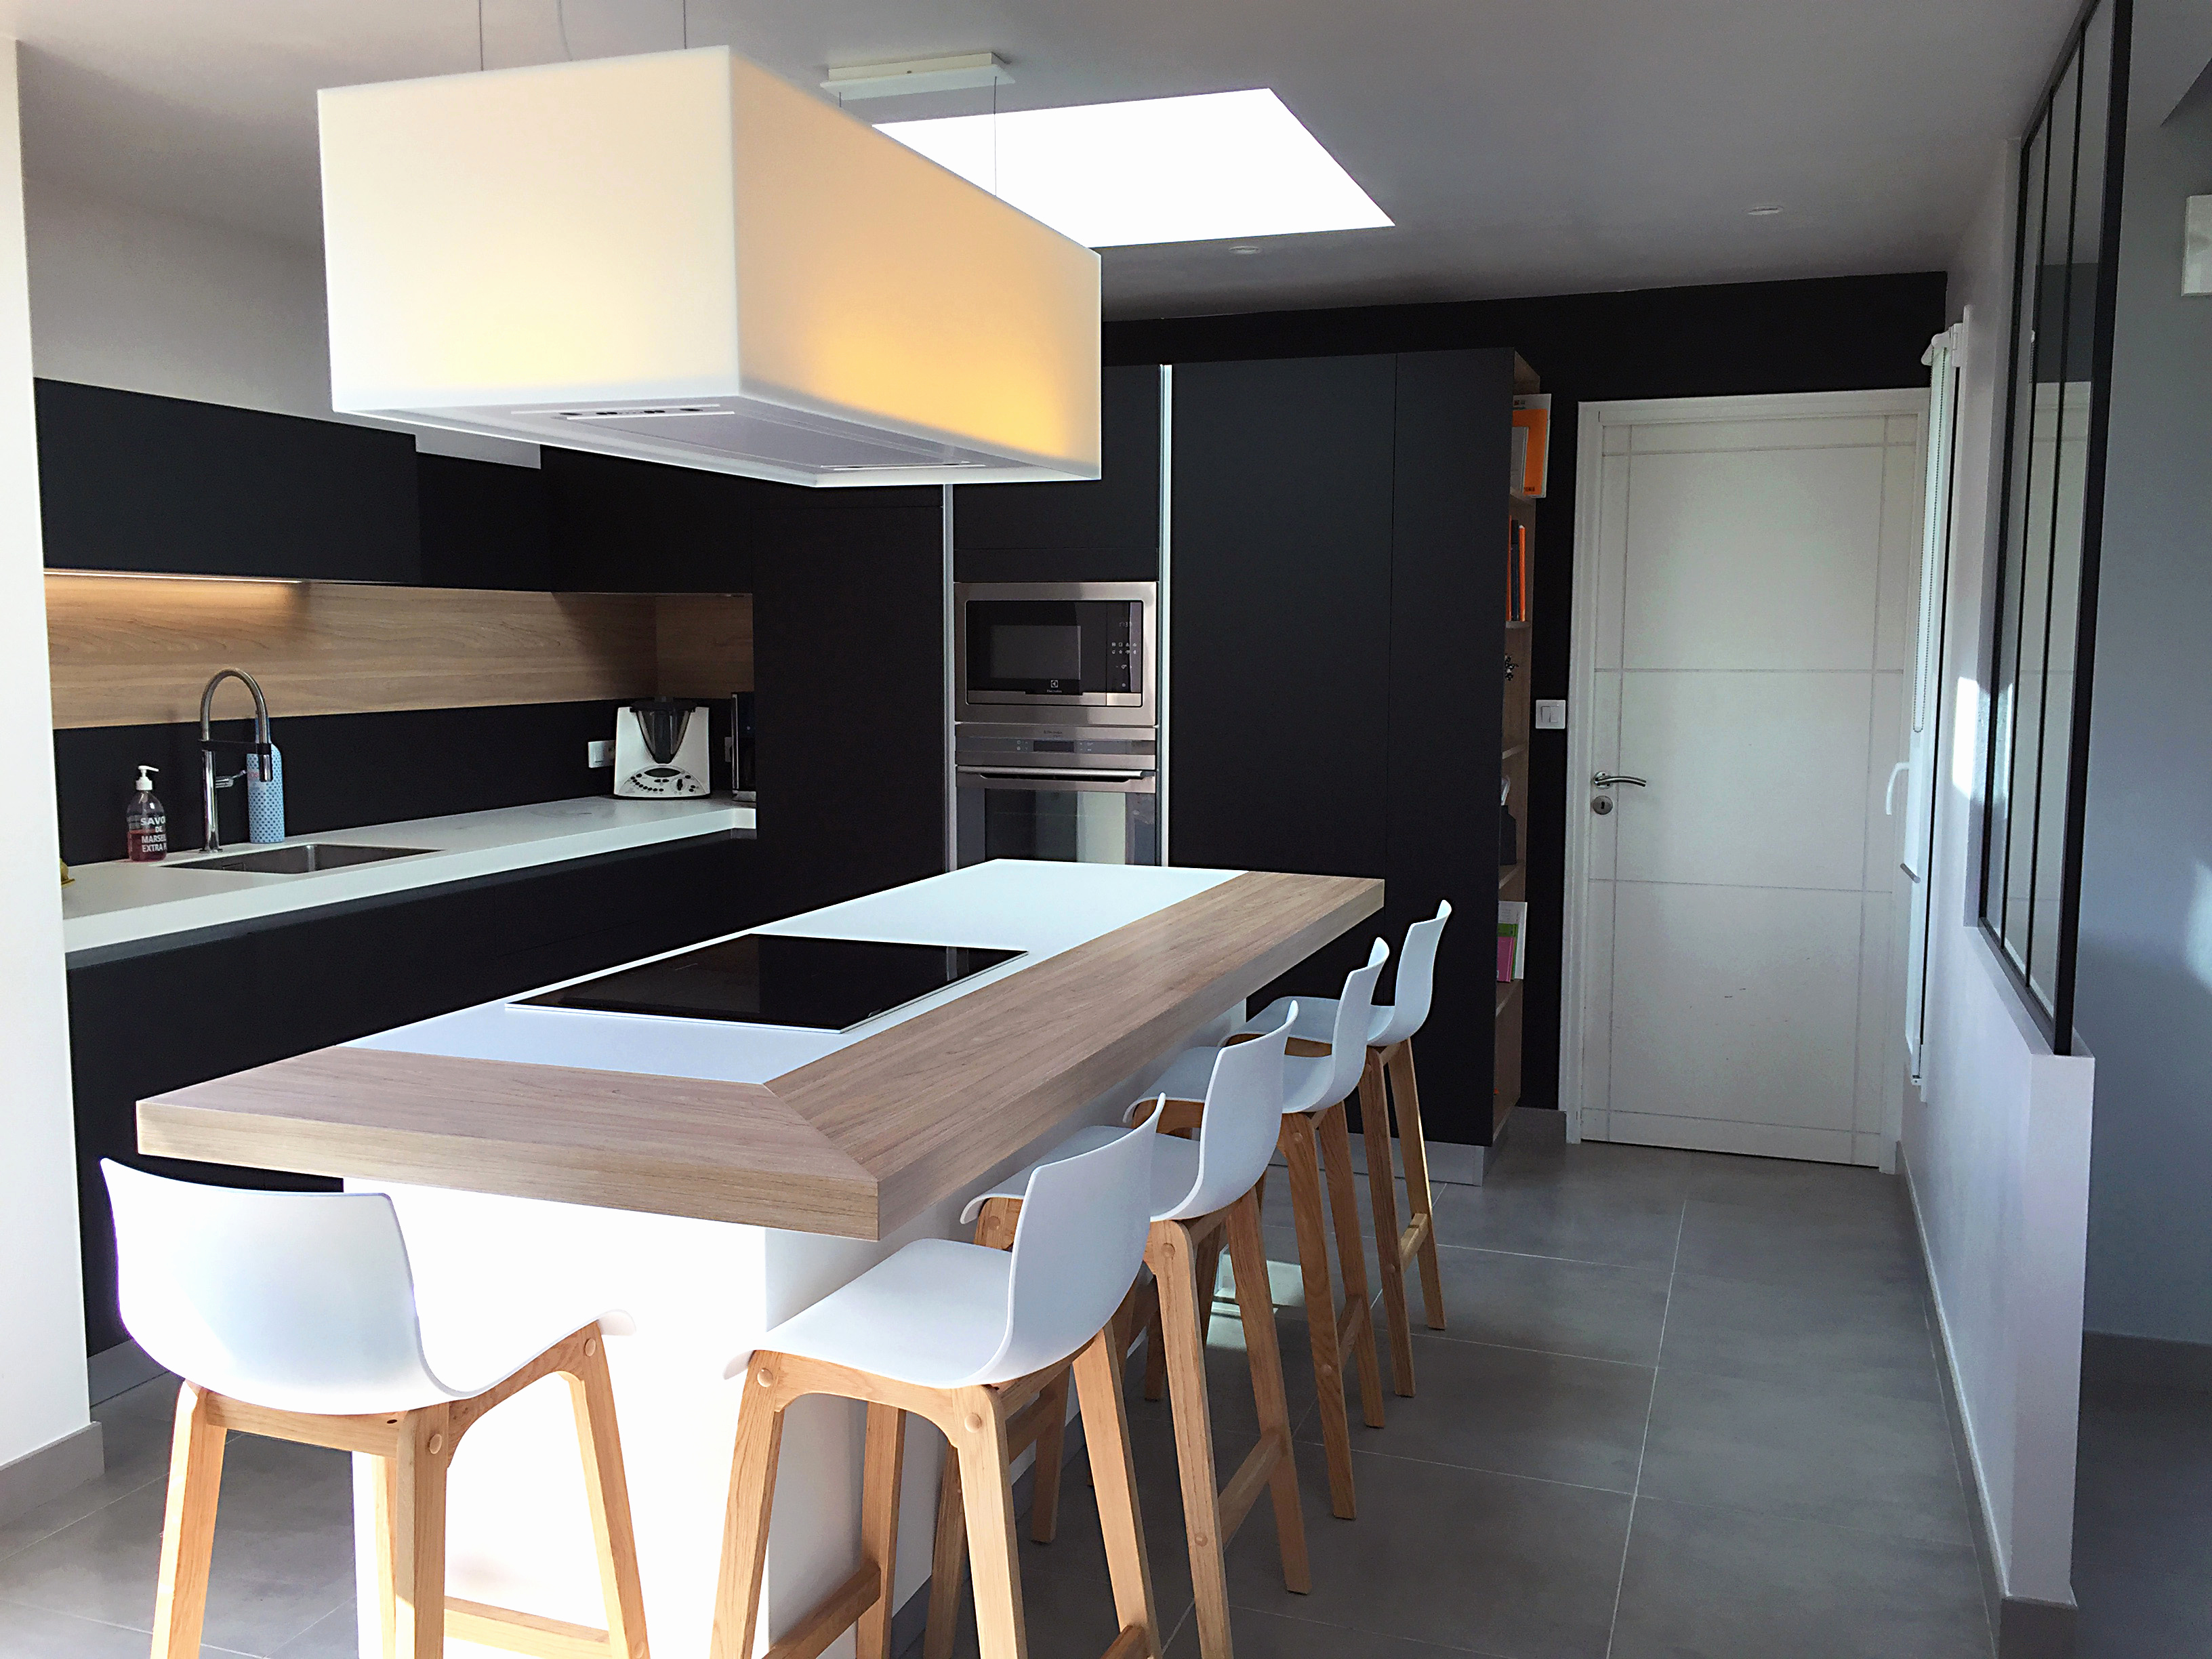 Fabriquer Un Ilot Central Table Inspirant Galerie Nouveau S De Cuisine Ilot Table